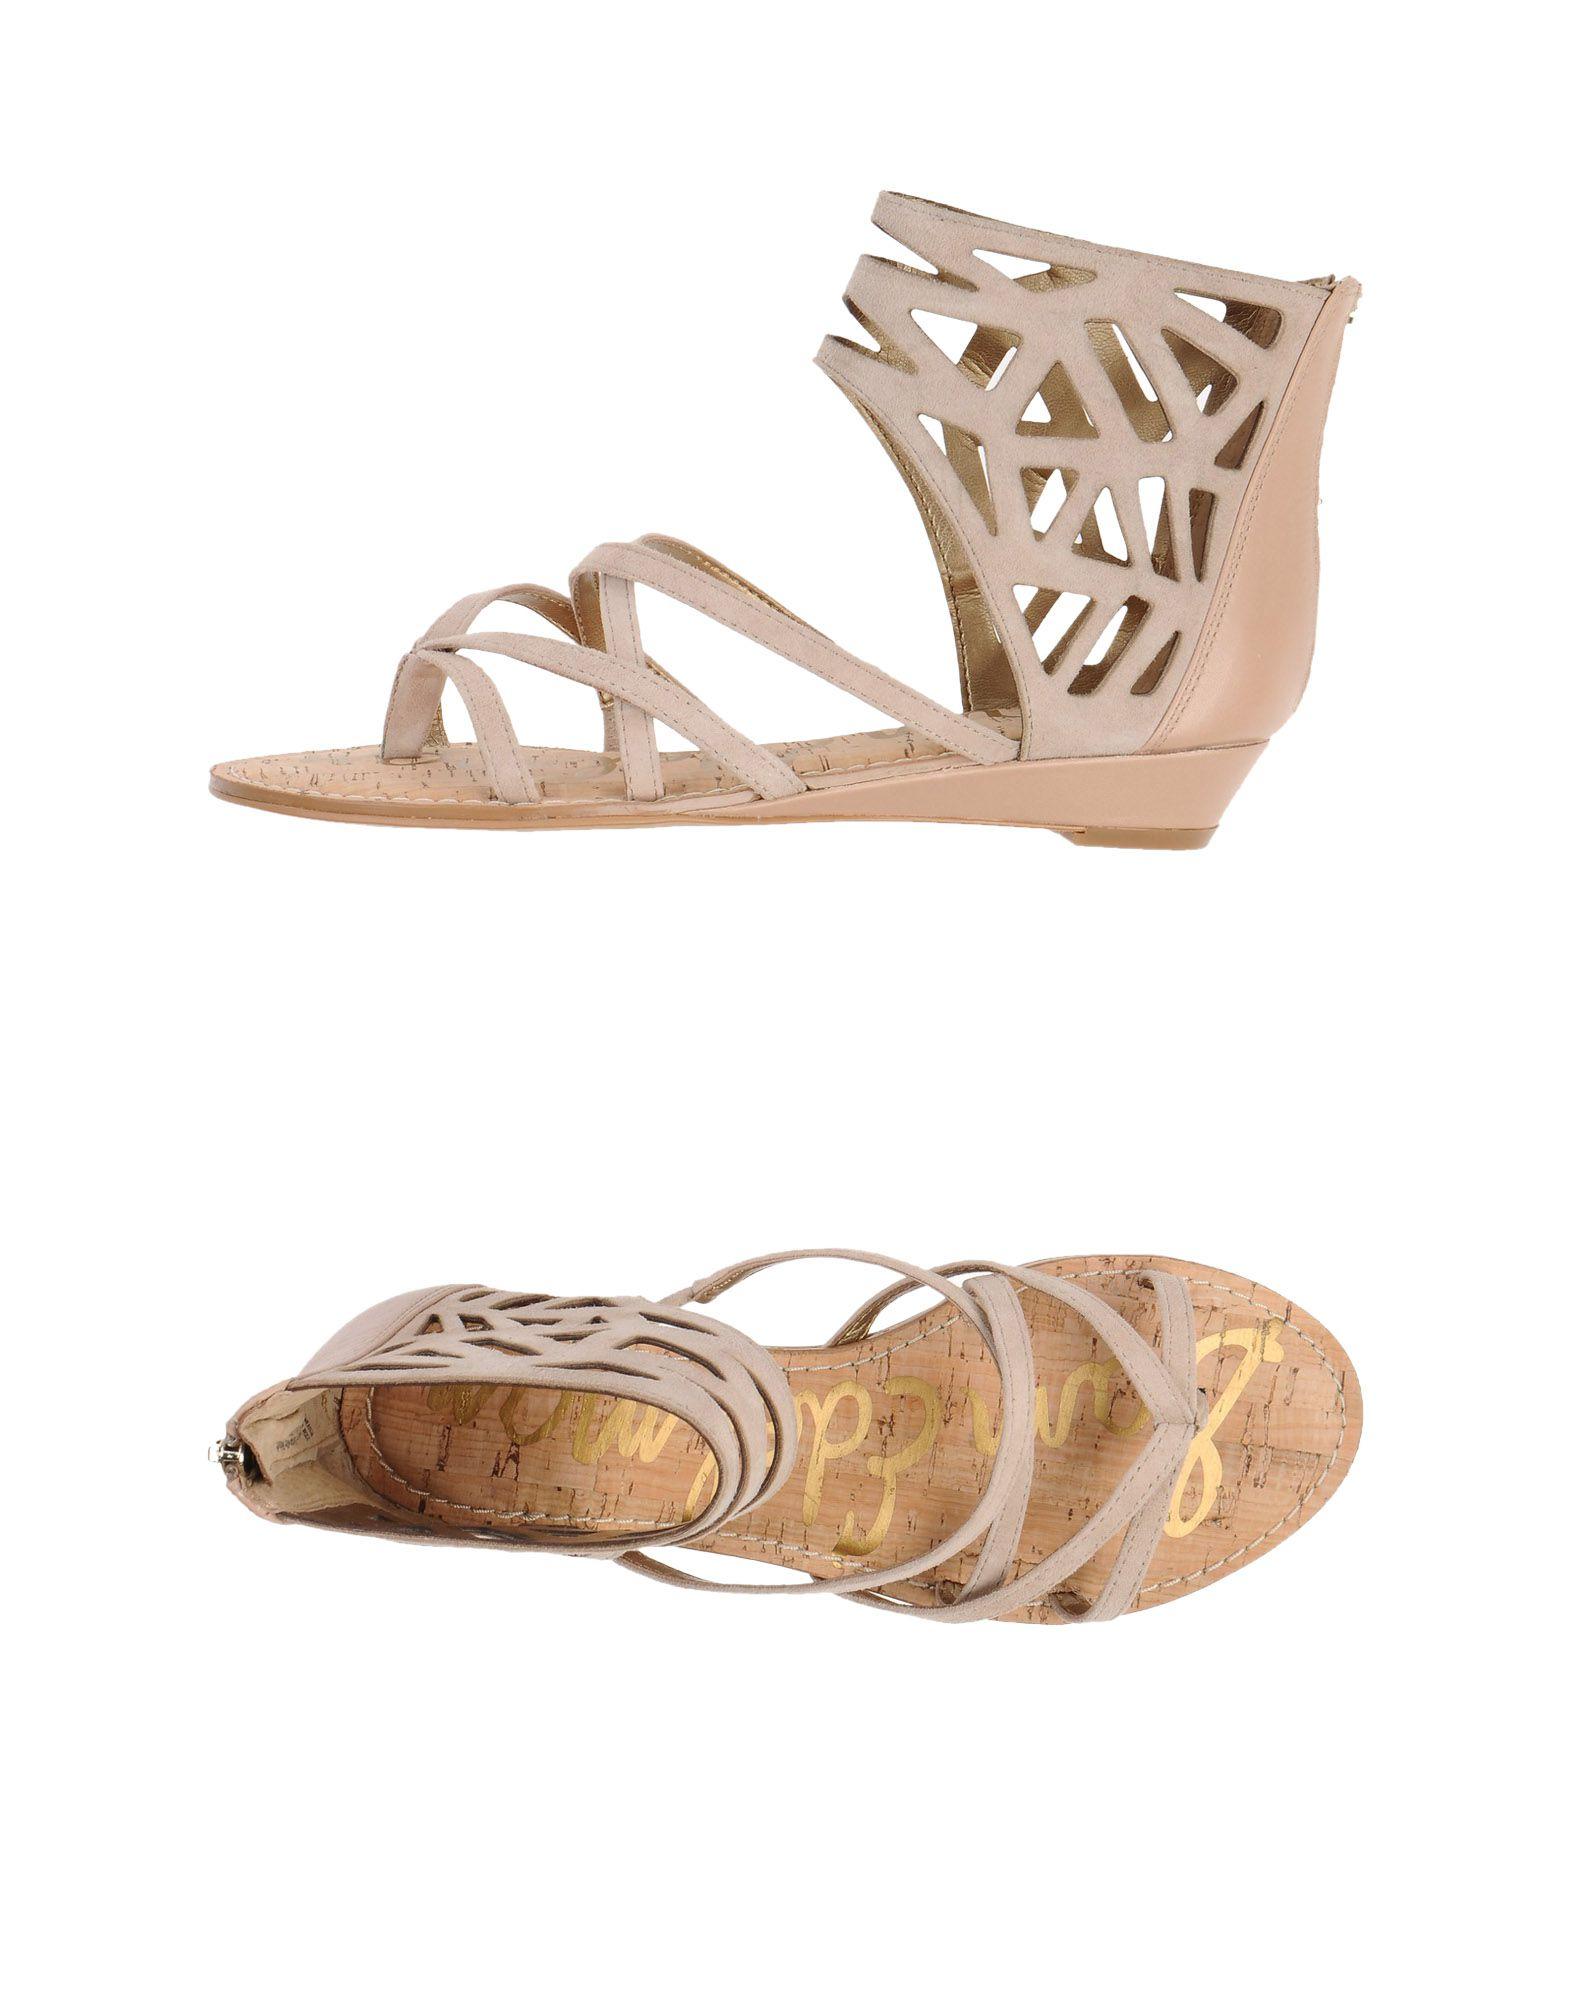 Sam edelman Sandals in Beige